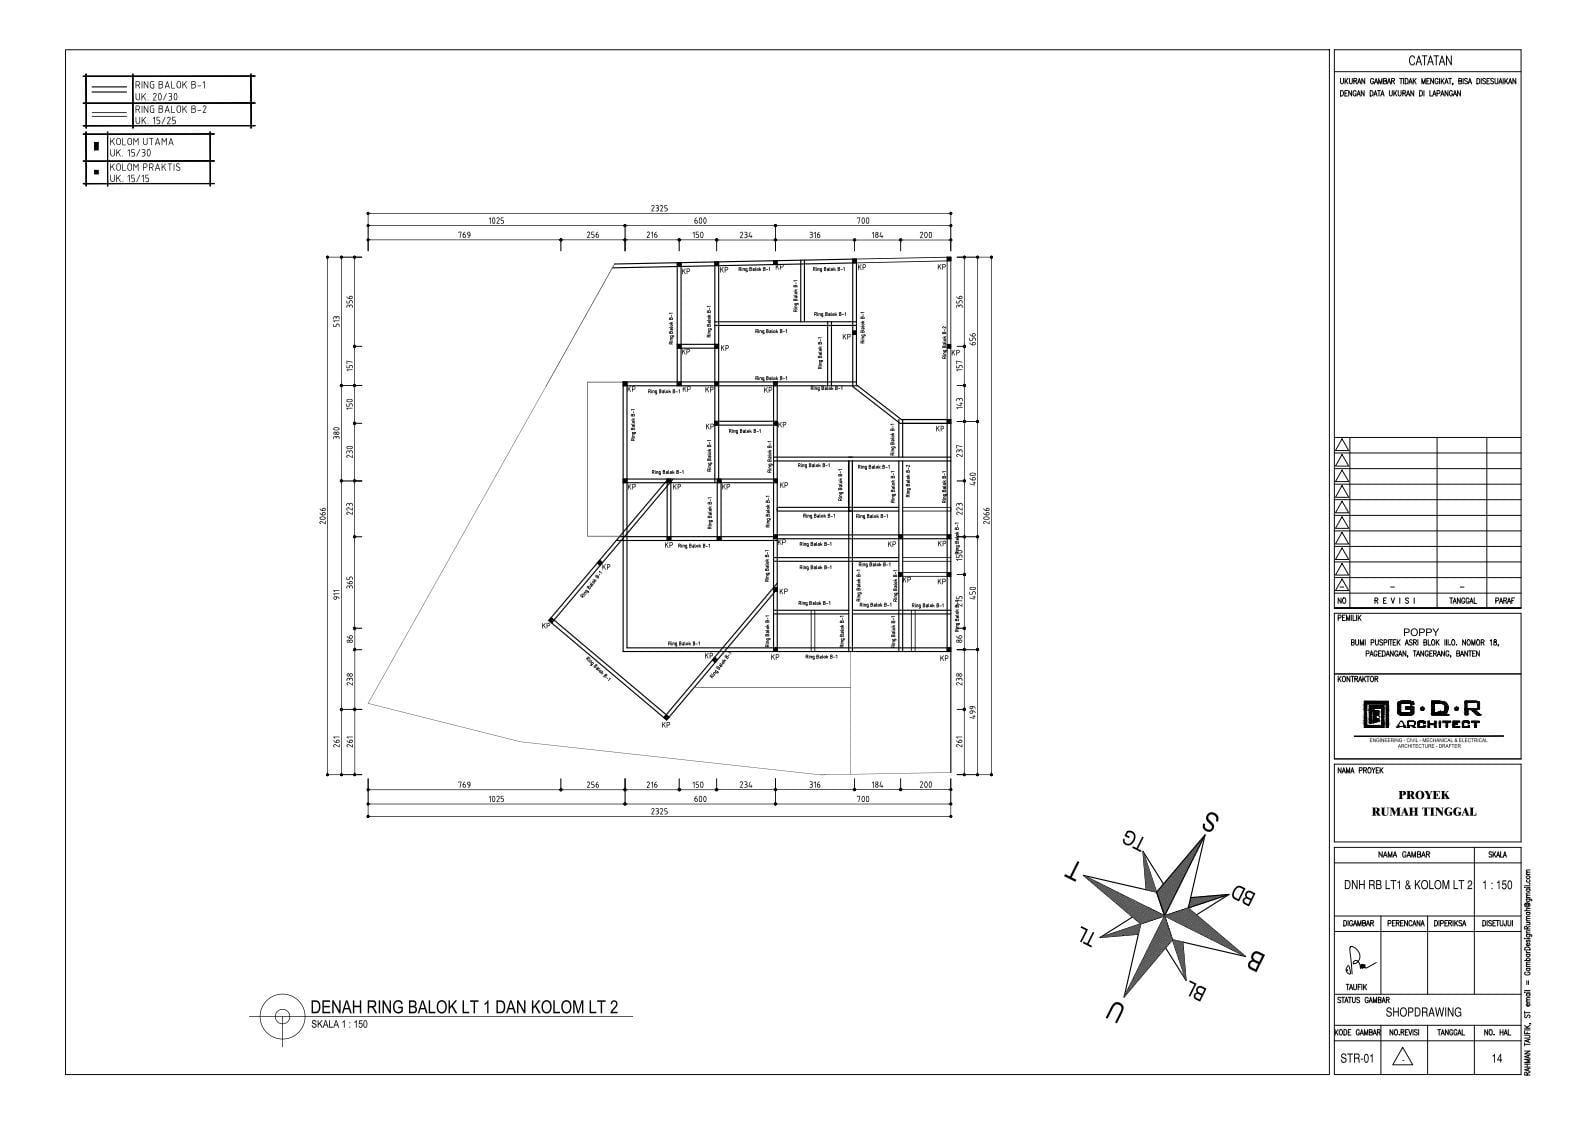 Jasa Desain Rumah Contoh Paket Gambar Kerja 14 DENAH RING BALOK LT 1 DAN KOLOM LT 2